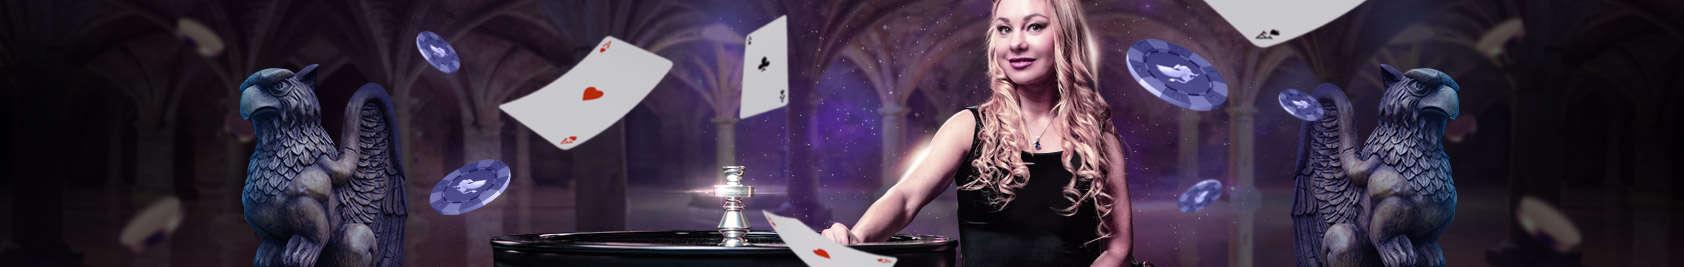 Speel live casino games bij Griffon Casino.